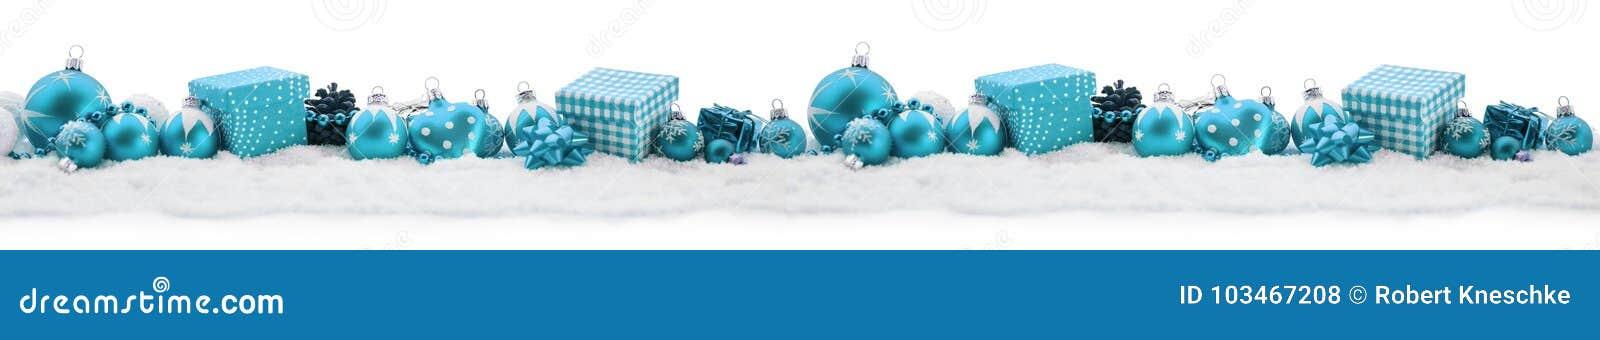 Hintergrundfahne für Weihnachten